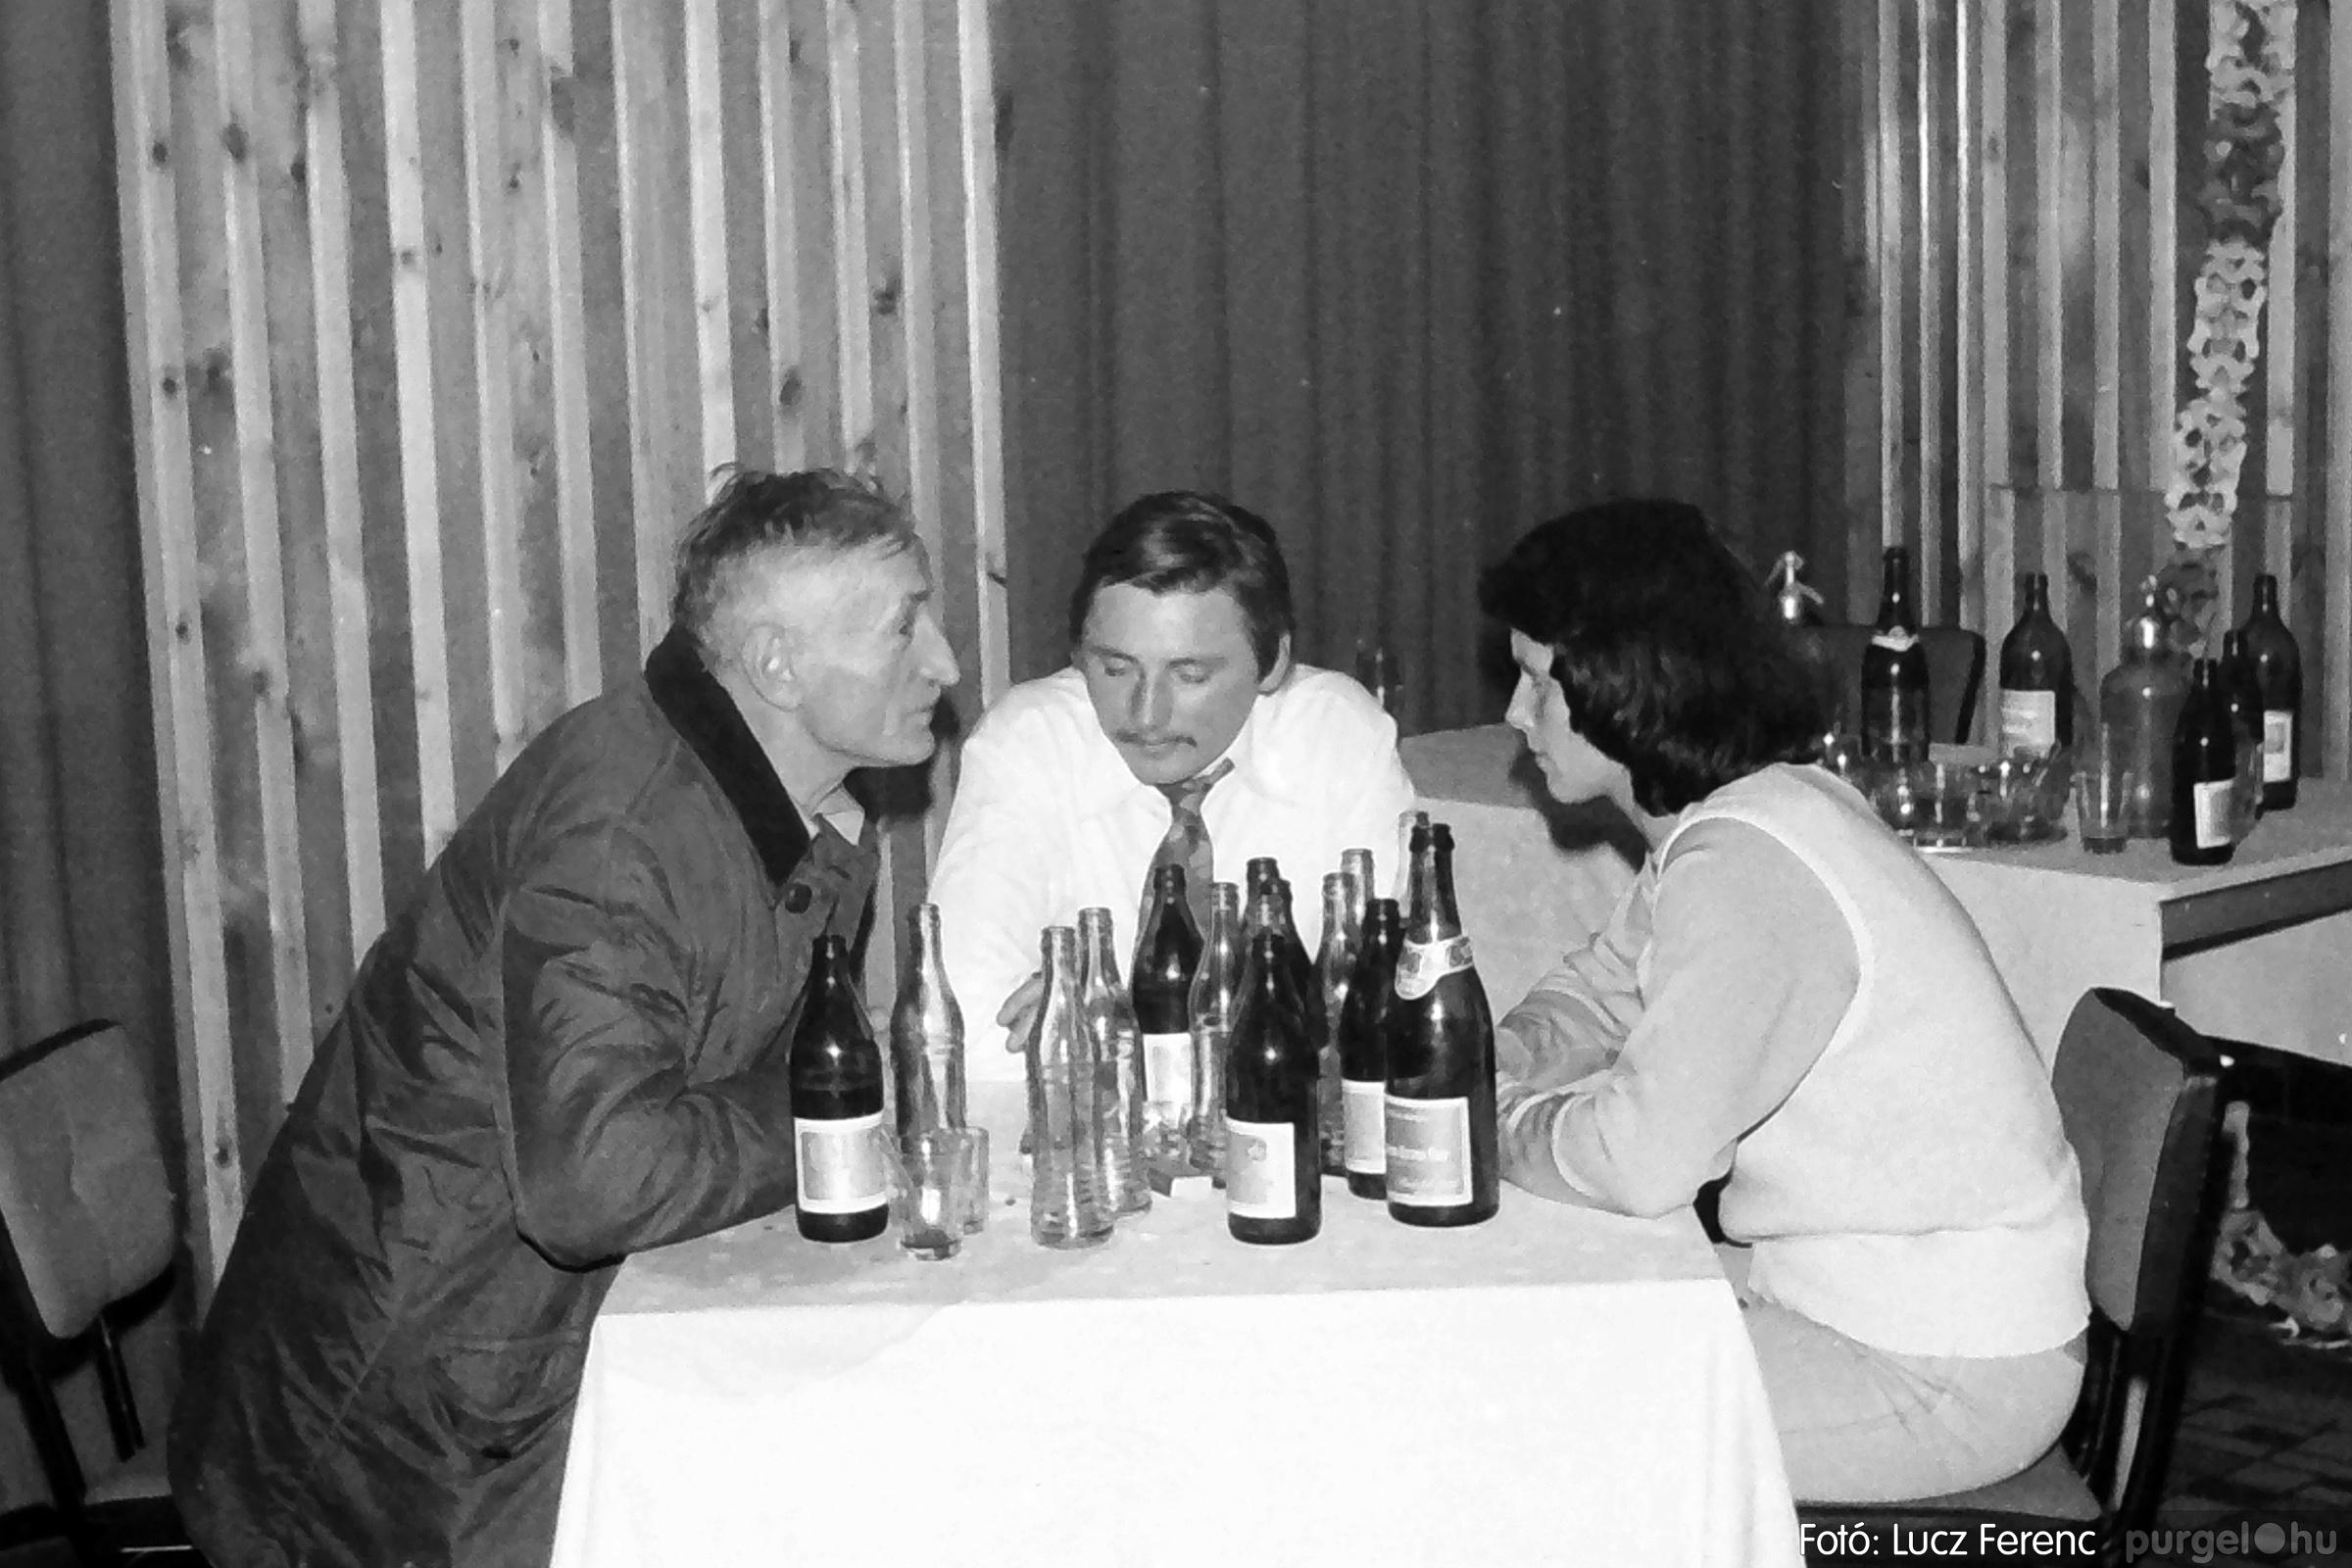 070. 1976.12.31. Szilveszter a kultúrházban 019. - Fotó: Lucz Ferenc.jpg